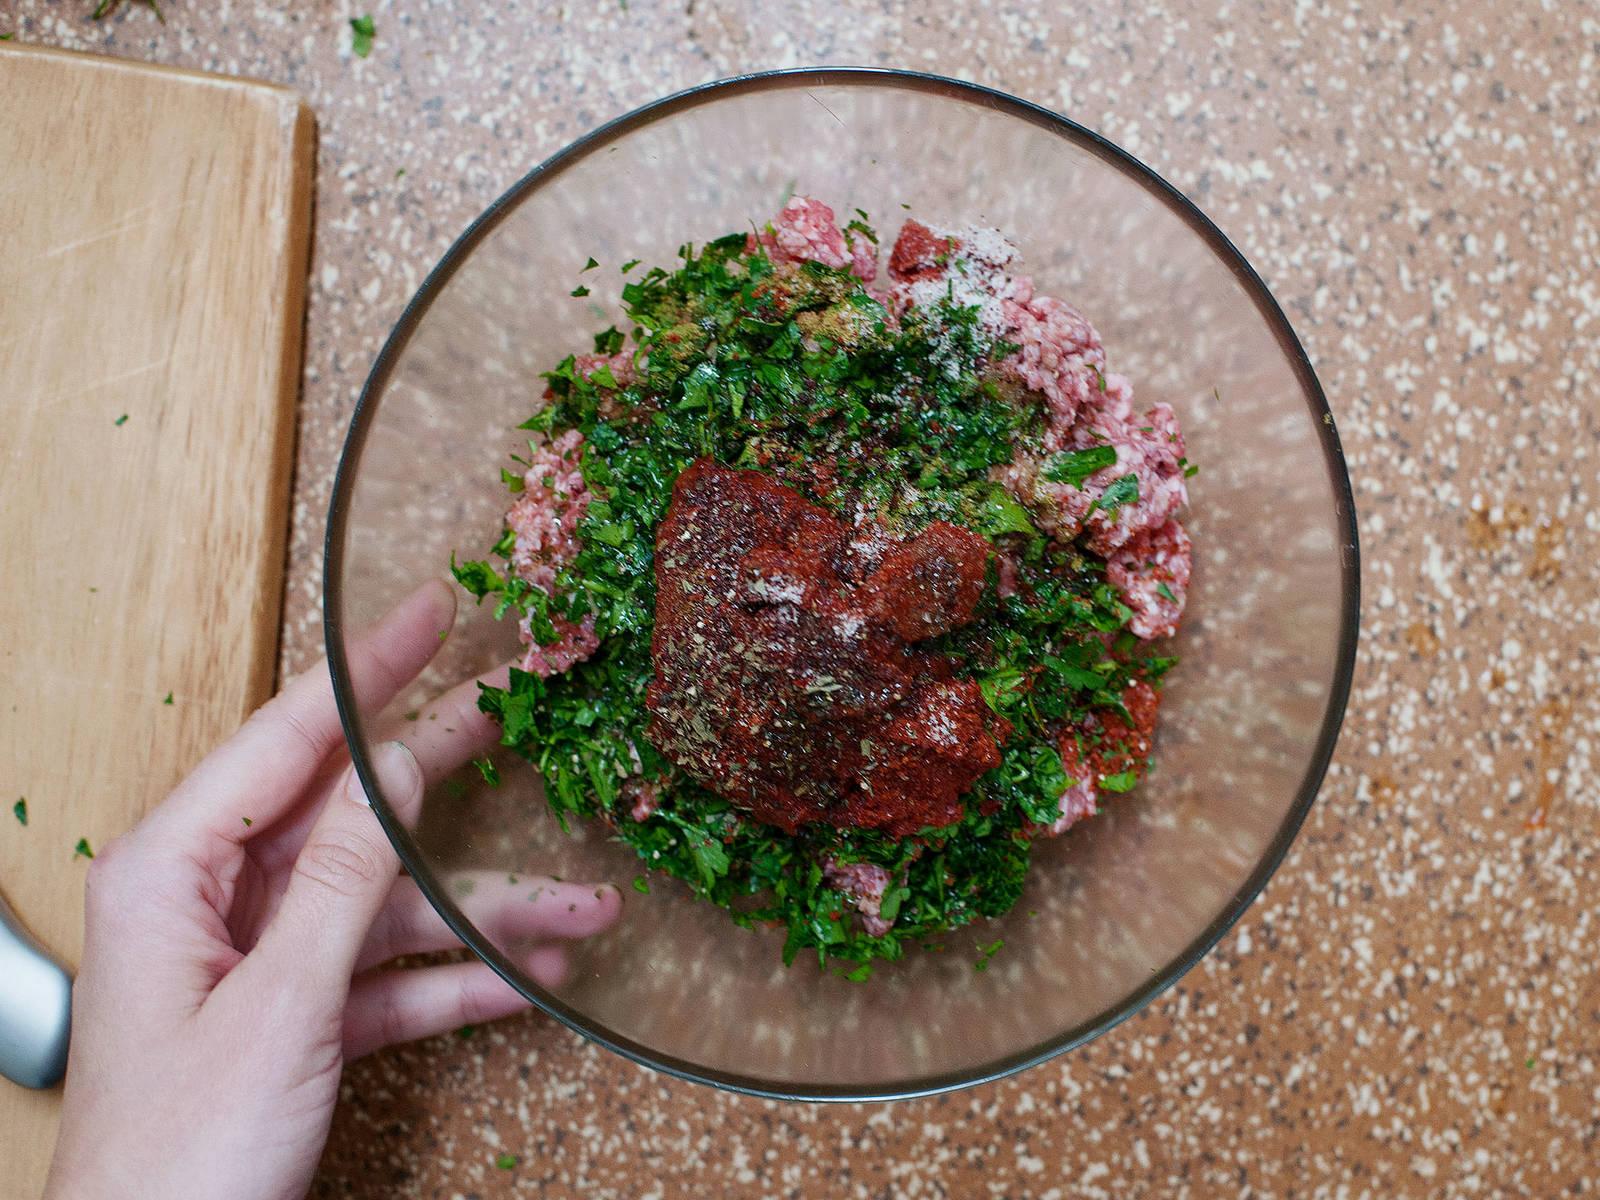 将平叶欧芹切碎。将半份置于一旁,稍后用于装饰。在一个大碗中,混合羊肉末、番茄丁、半份欧芹末、番茄酱、野生蒜粉、蒜油、橄榄油、辣椒粉、辣椒末和莳萝。用盐与胡椒调味。